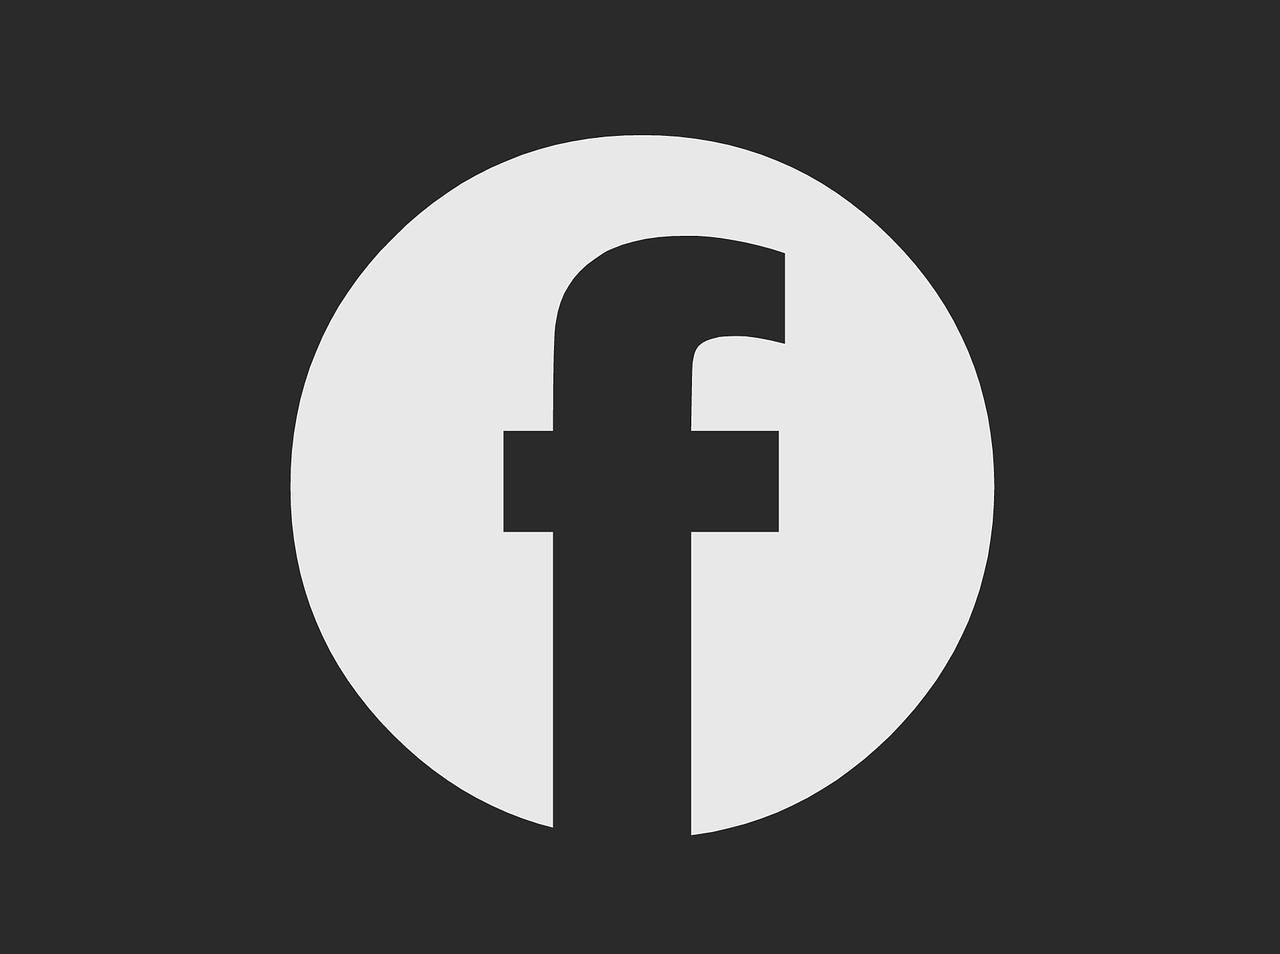 Ciemny motyw mobilnego Facebooka - pierwsi użytkownicy już go mają!